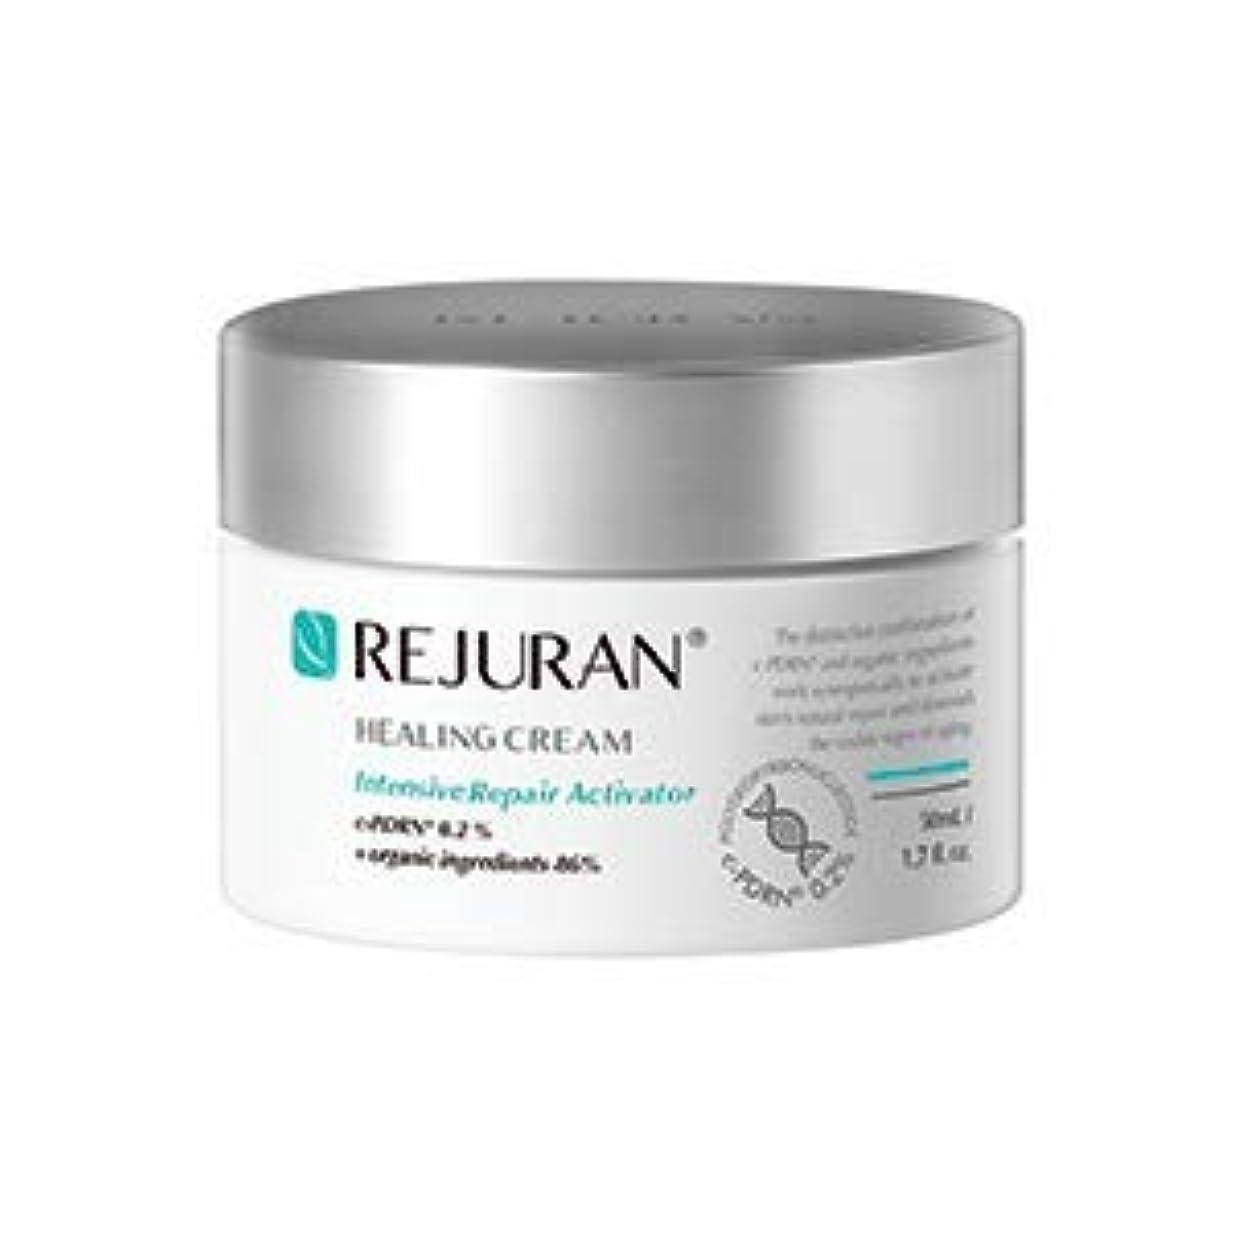 メタリック南方のトリップ[ 皮膚科最高級ブランド ] リジュラン ヒーリング クリーム 50ml.(シワ改善機能性)REJURAN Healin Cream 50ml. X Healing Mask 2p